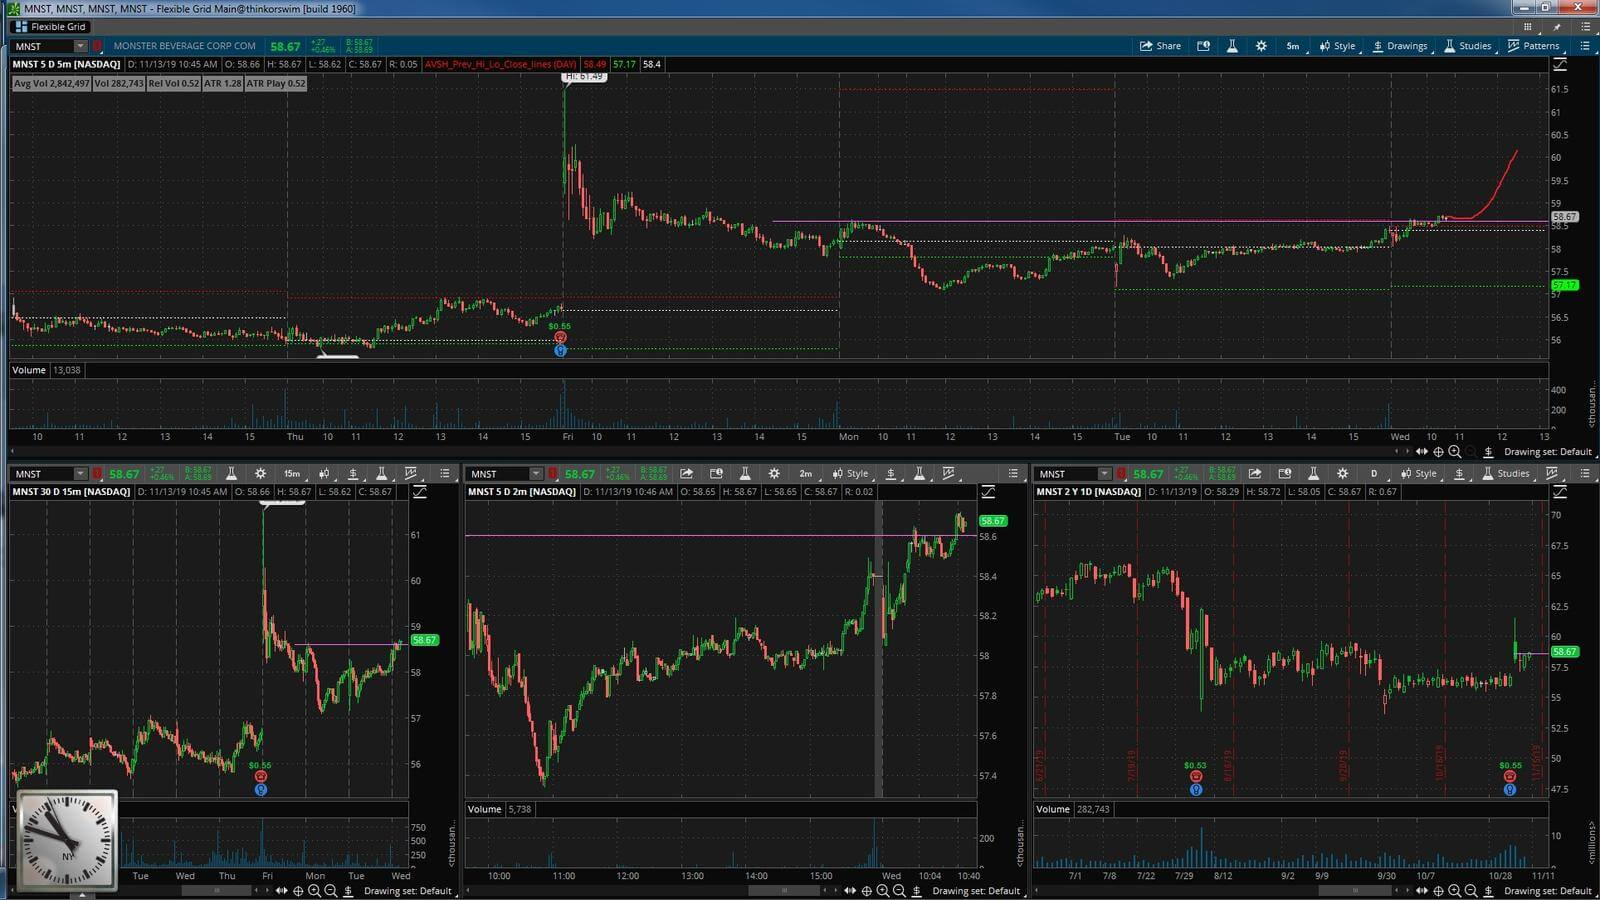 MNST - график акции на фондовой бирже